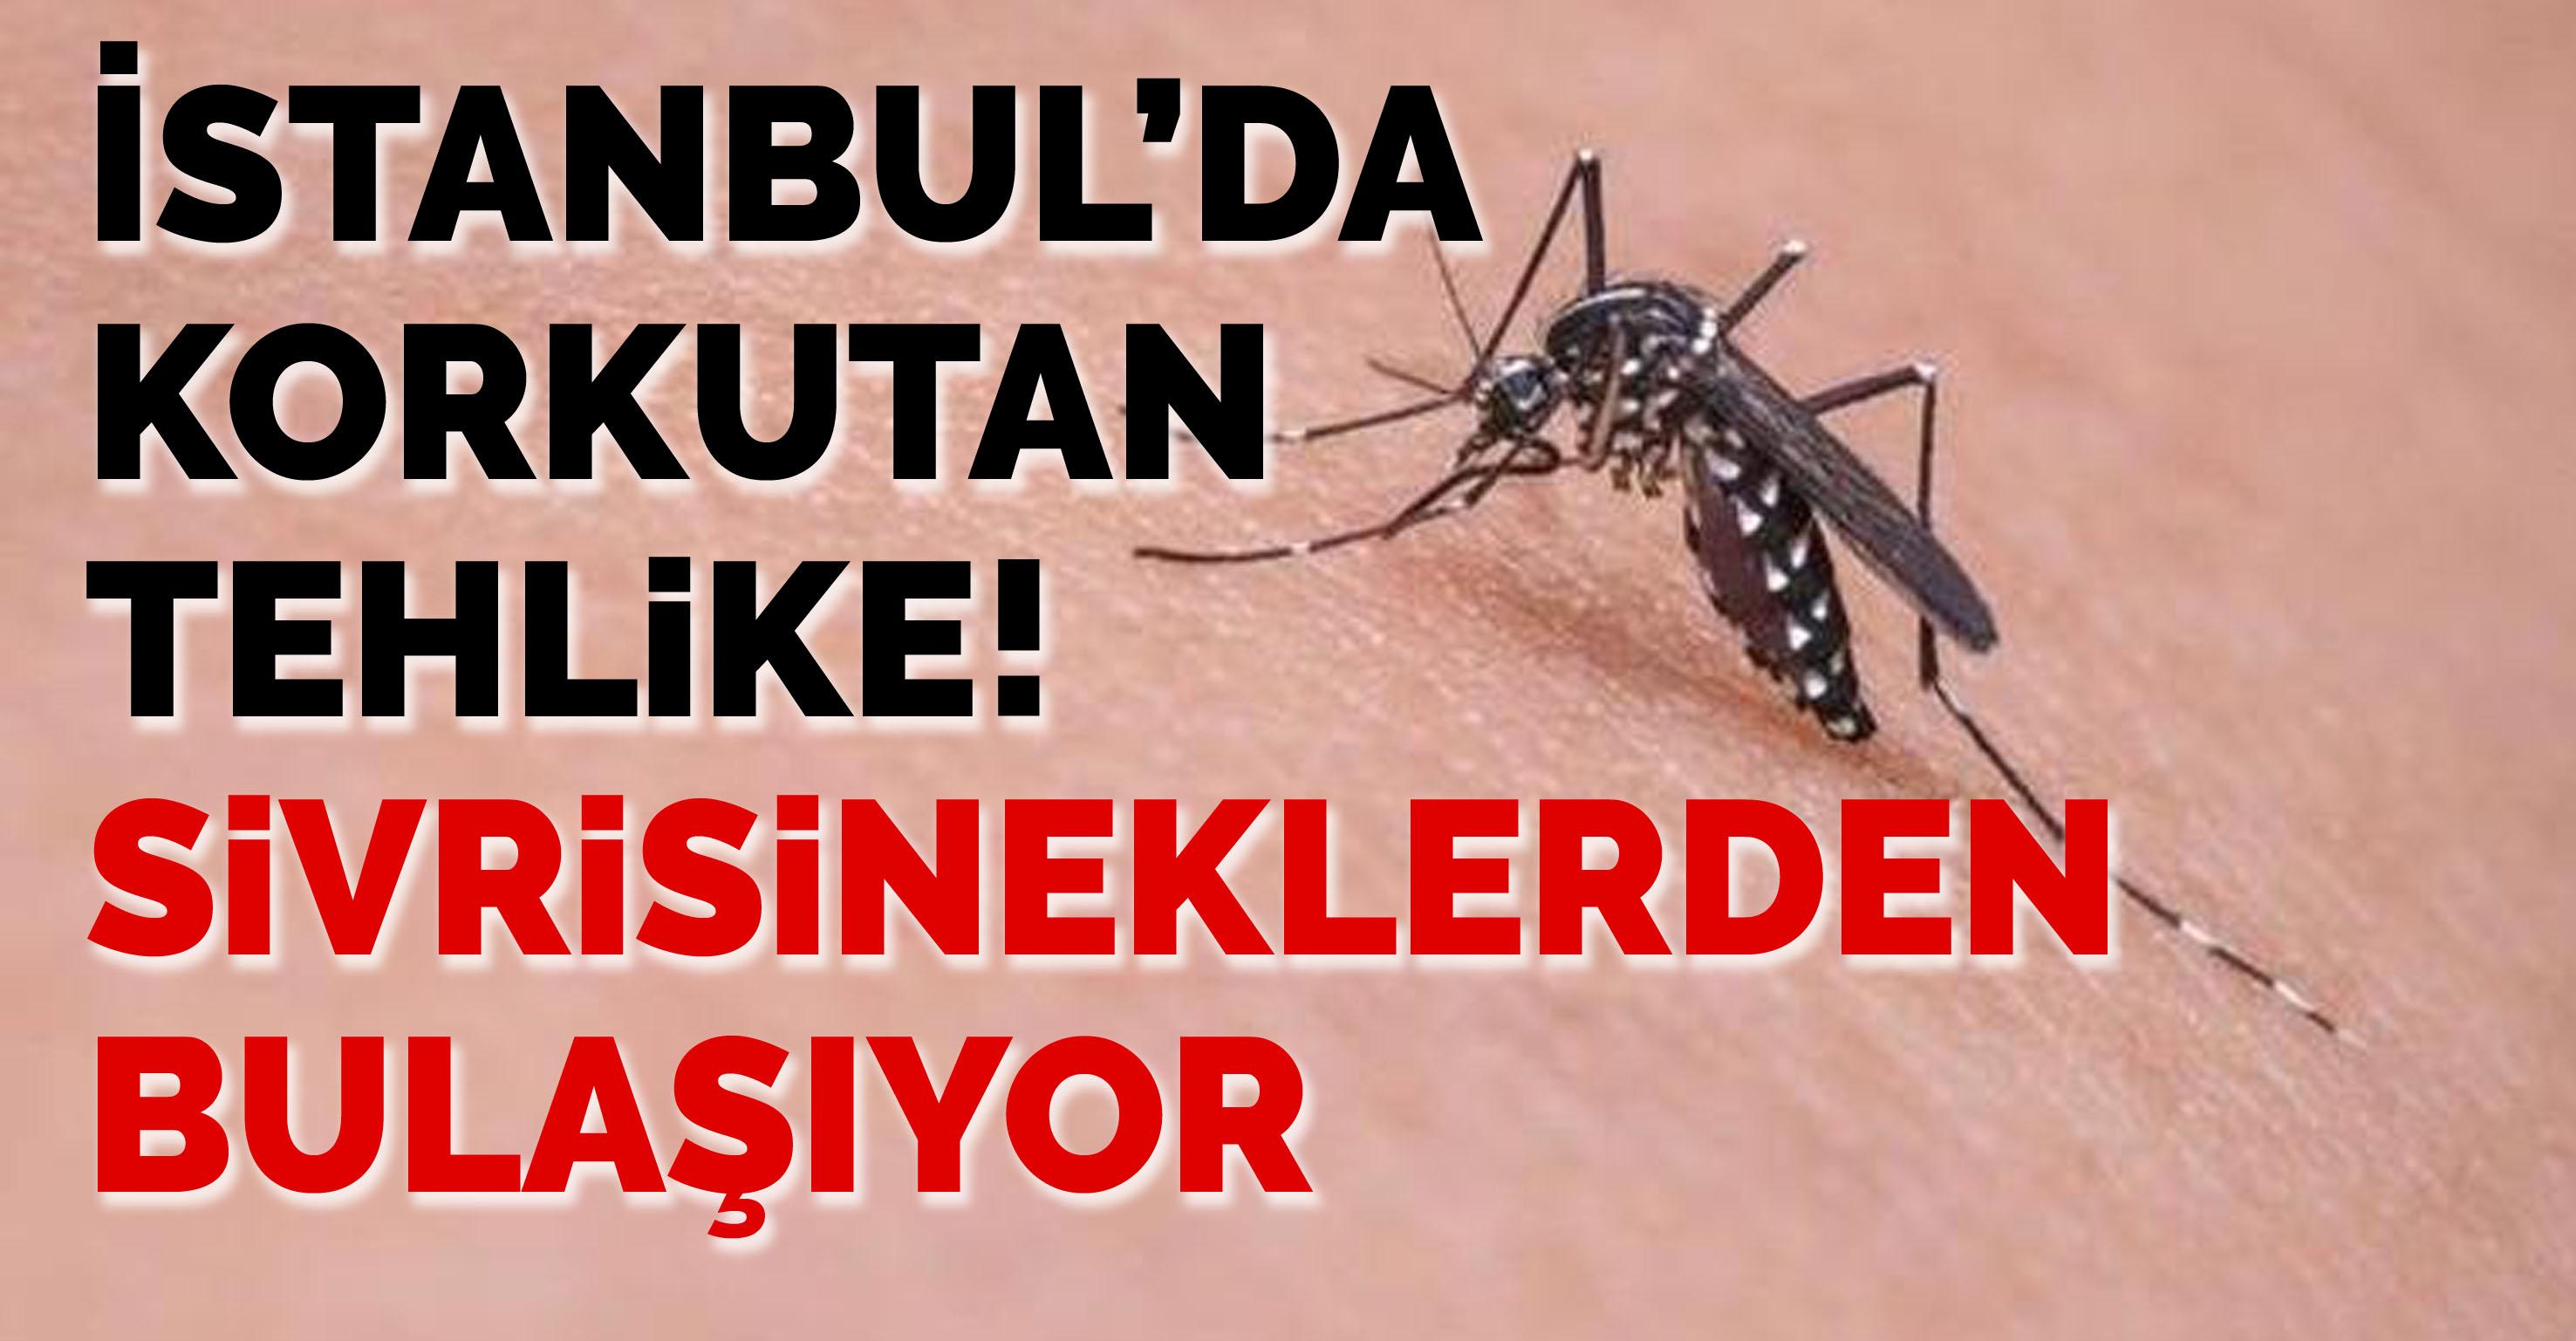 İstanbul'da korkutan tehlike! Sivrisineklerden bulaşıyor